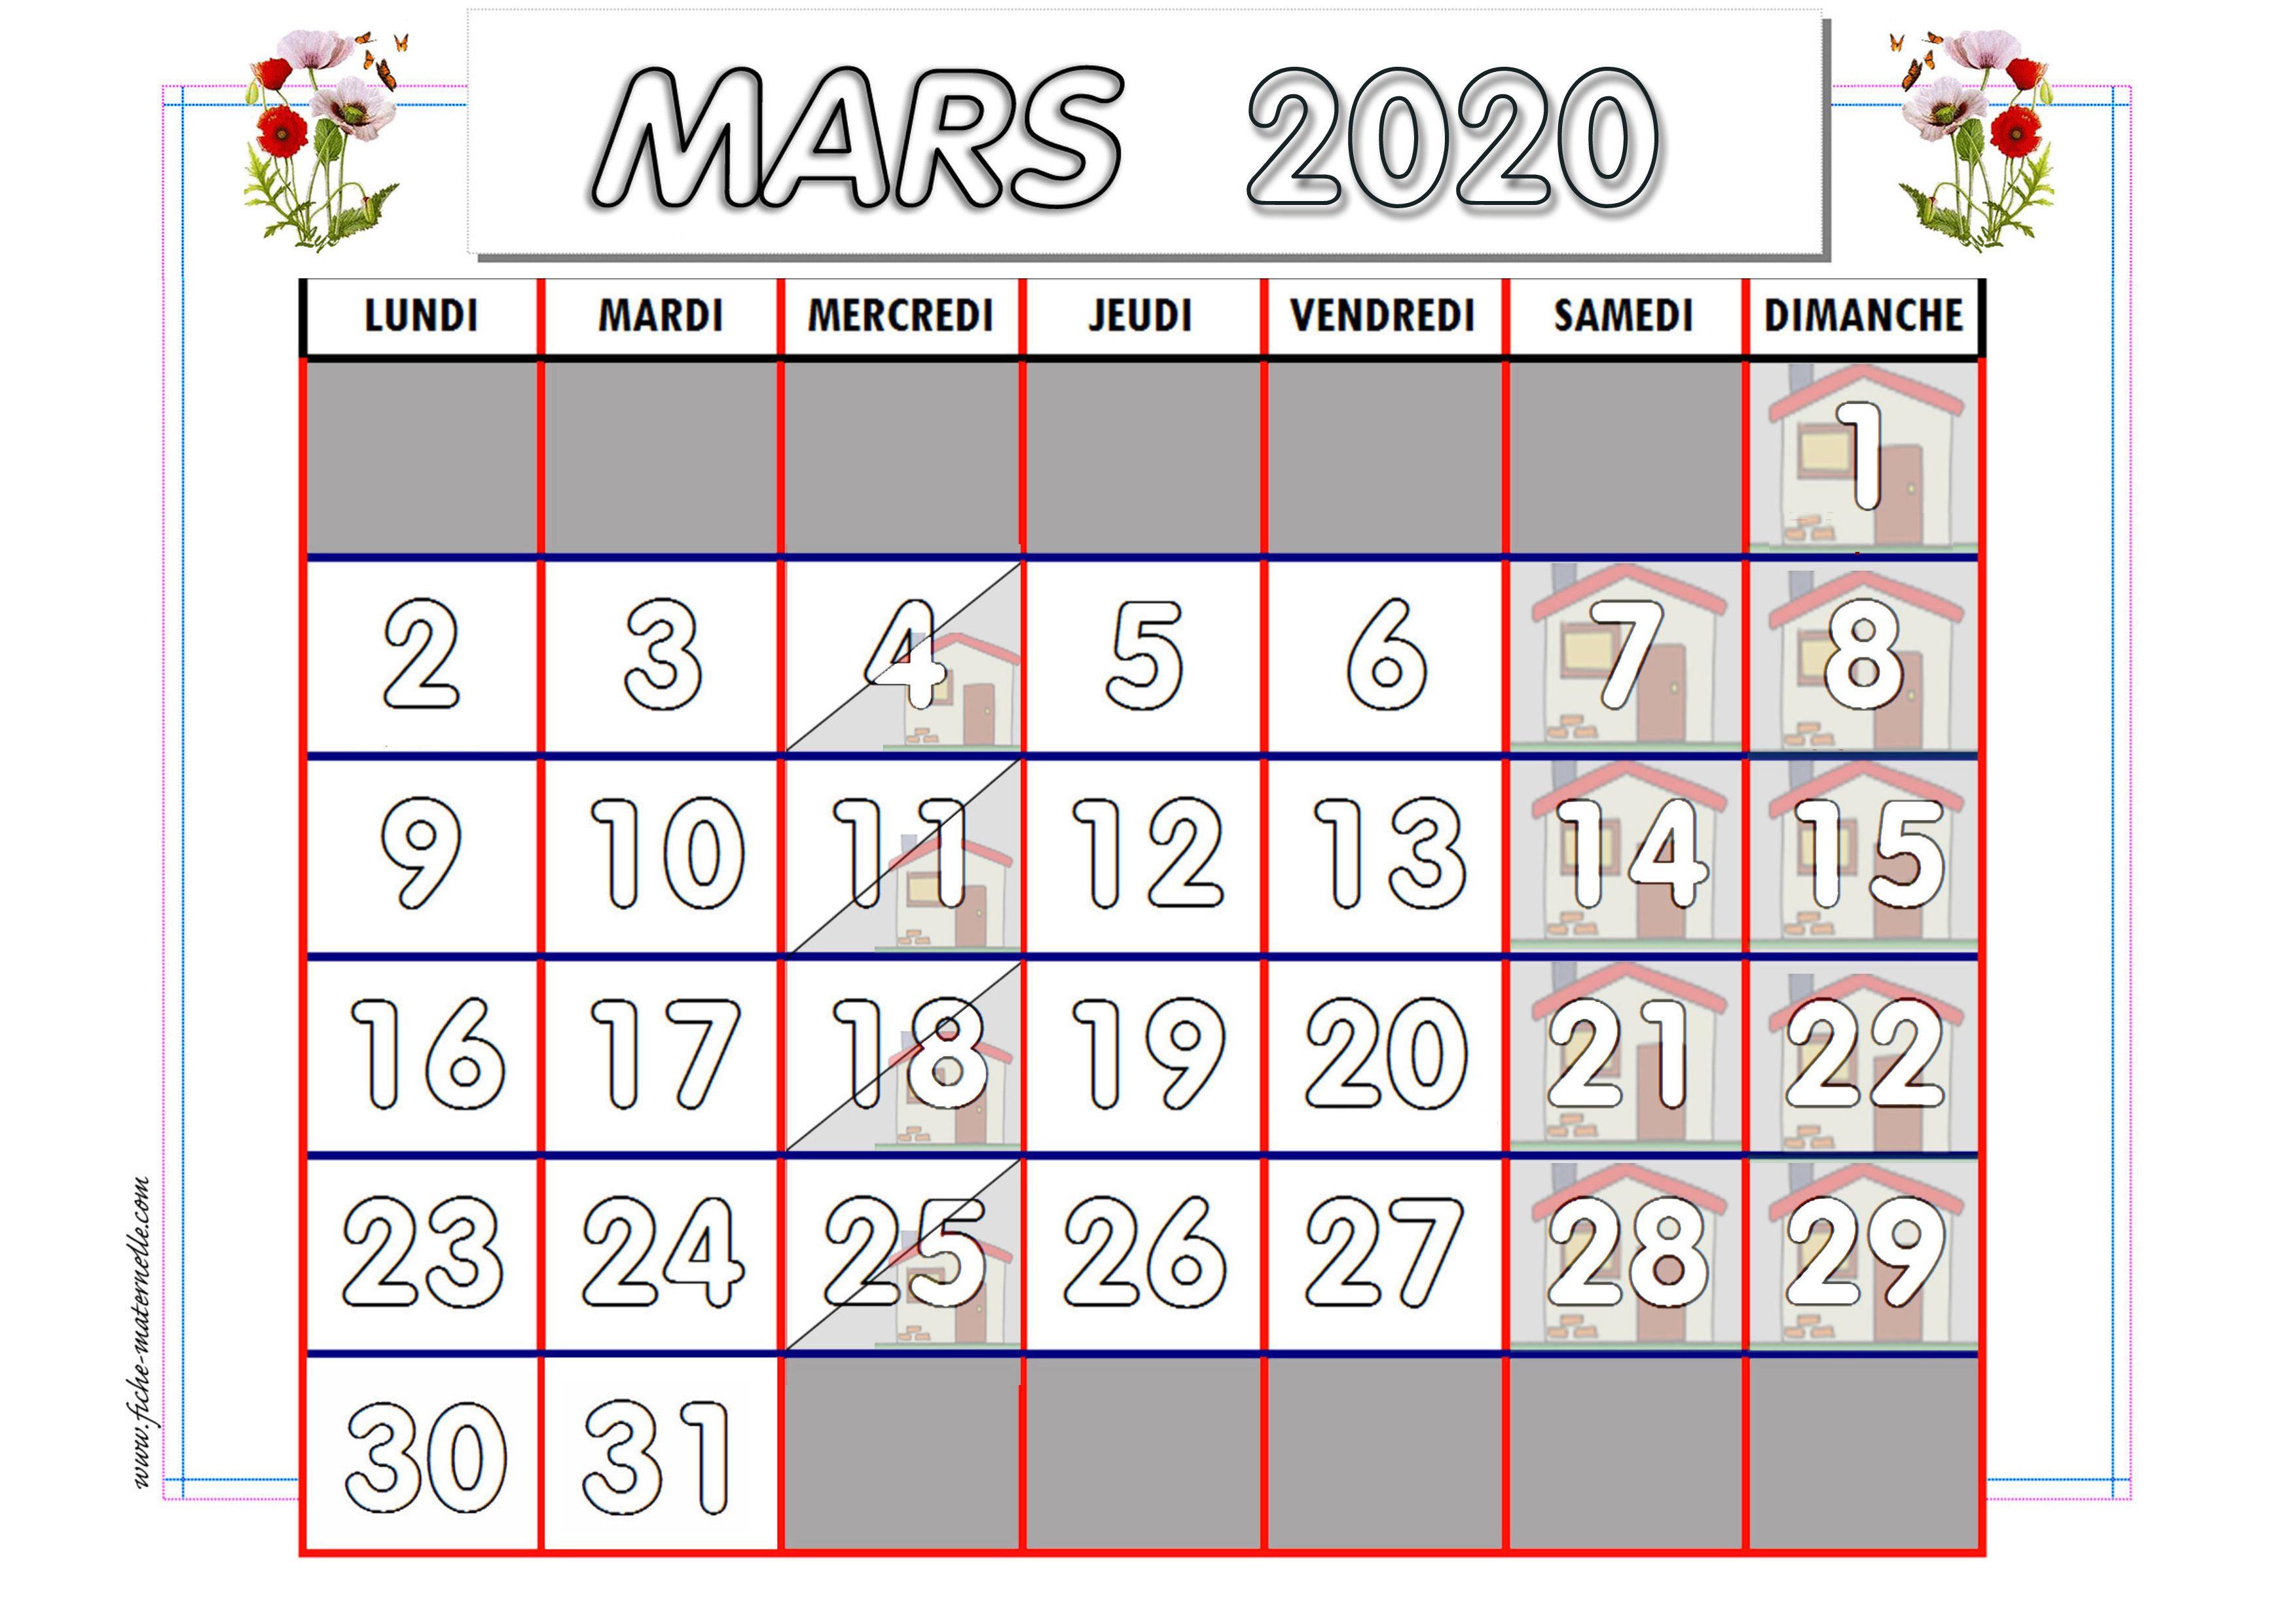 Calendrier Mars 2021 Maternelle Calendrier adapté aux maternelles et préscolaires 2019 2020 en